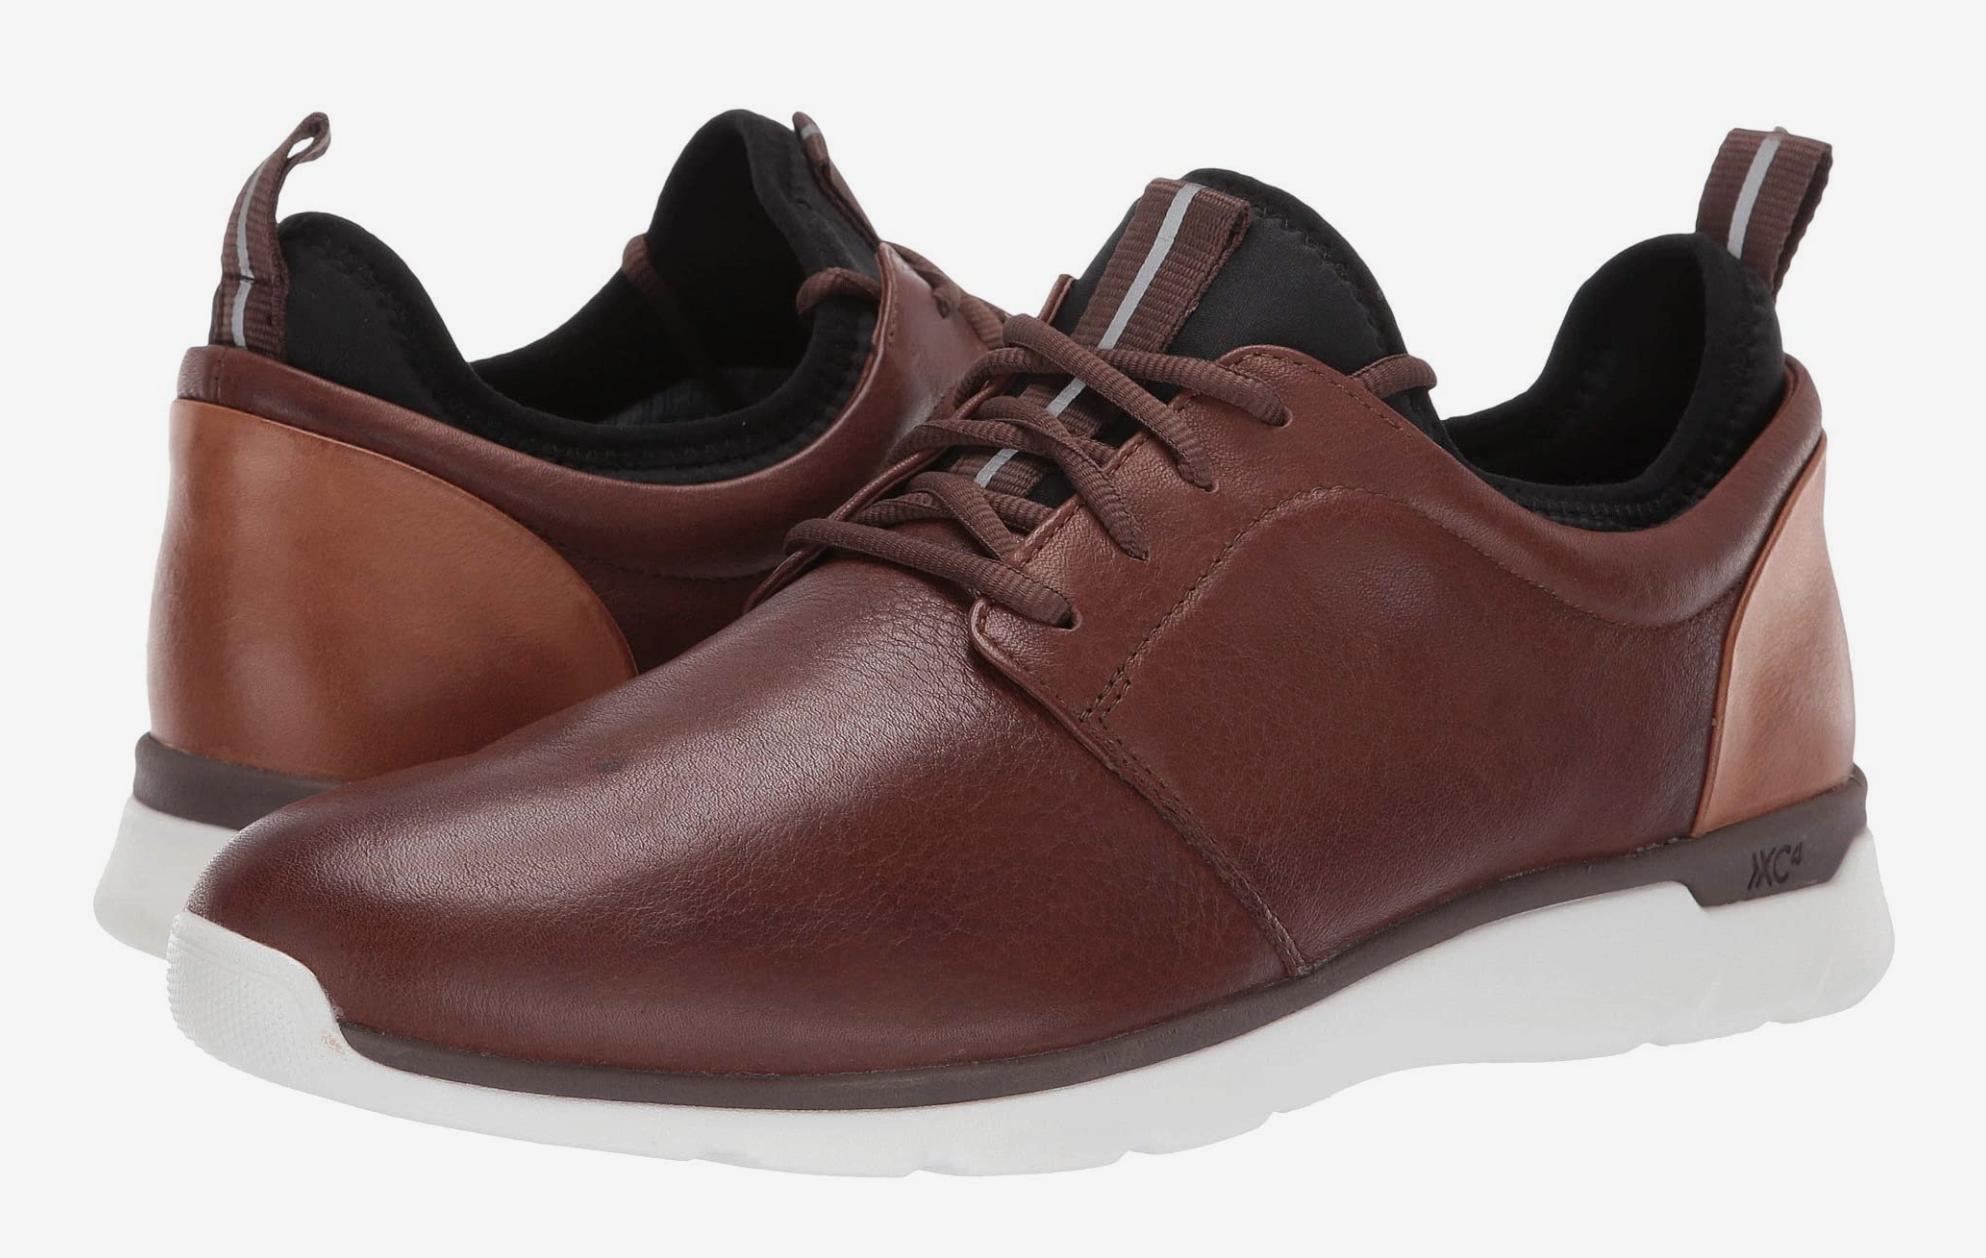 Johnston & Murphy Waterproof XC4® Casual Dress Plain Toe Sneaker